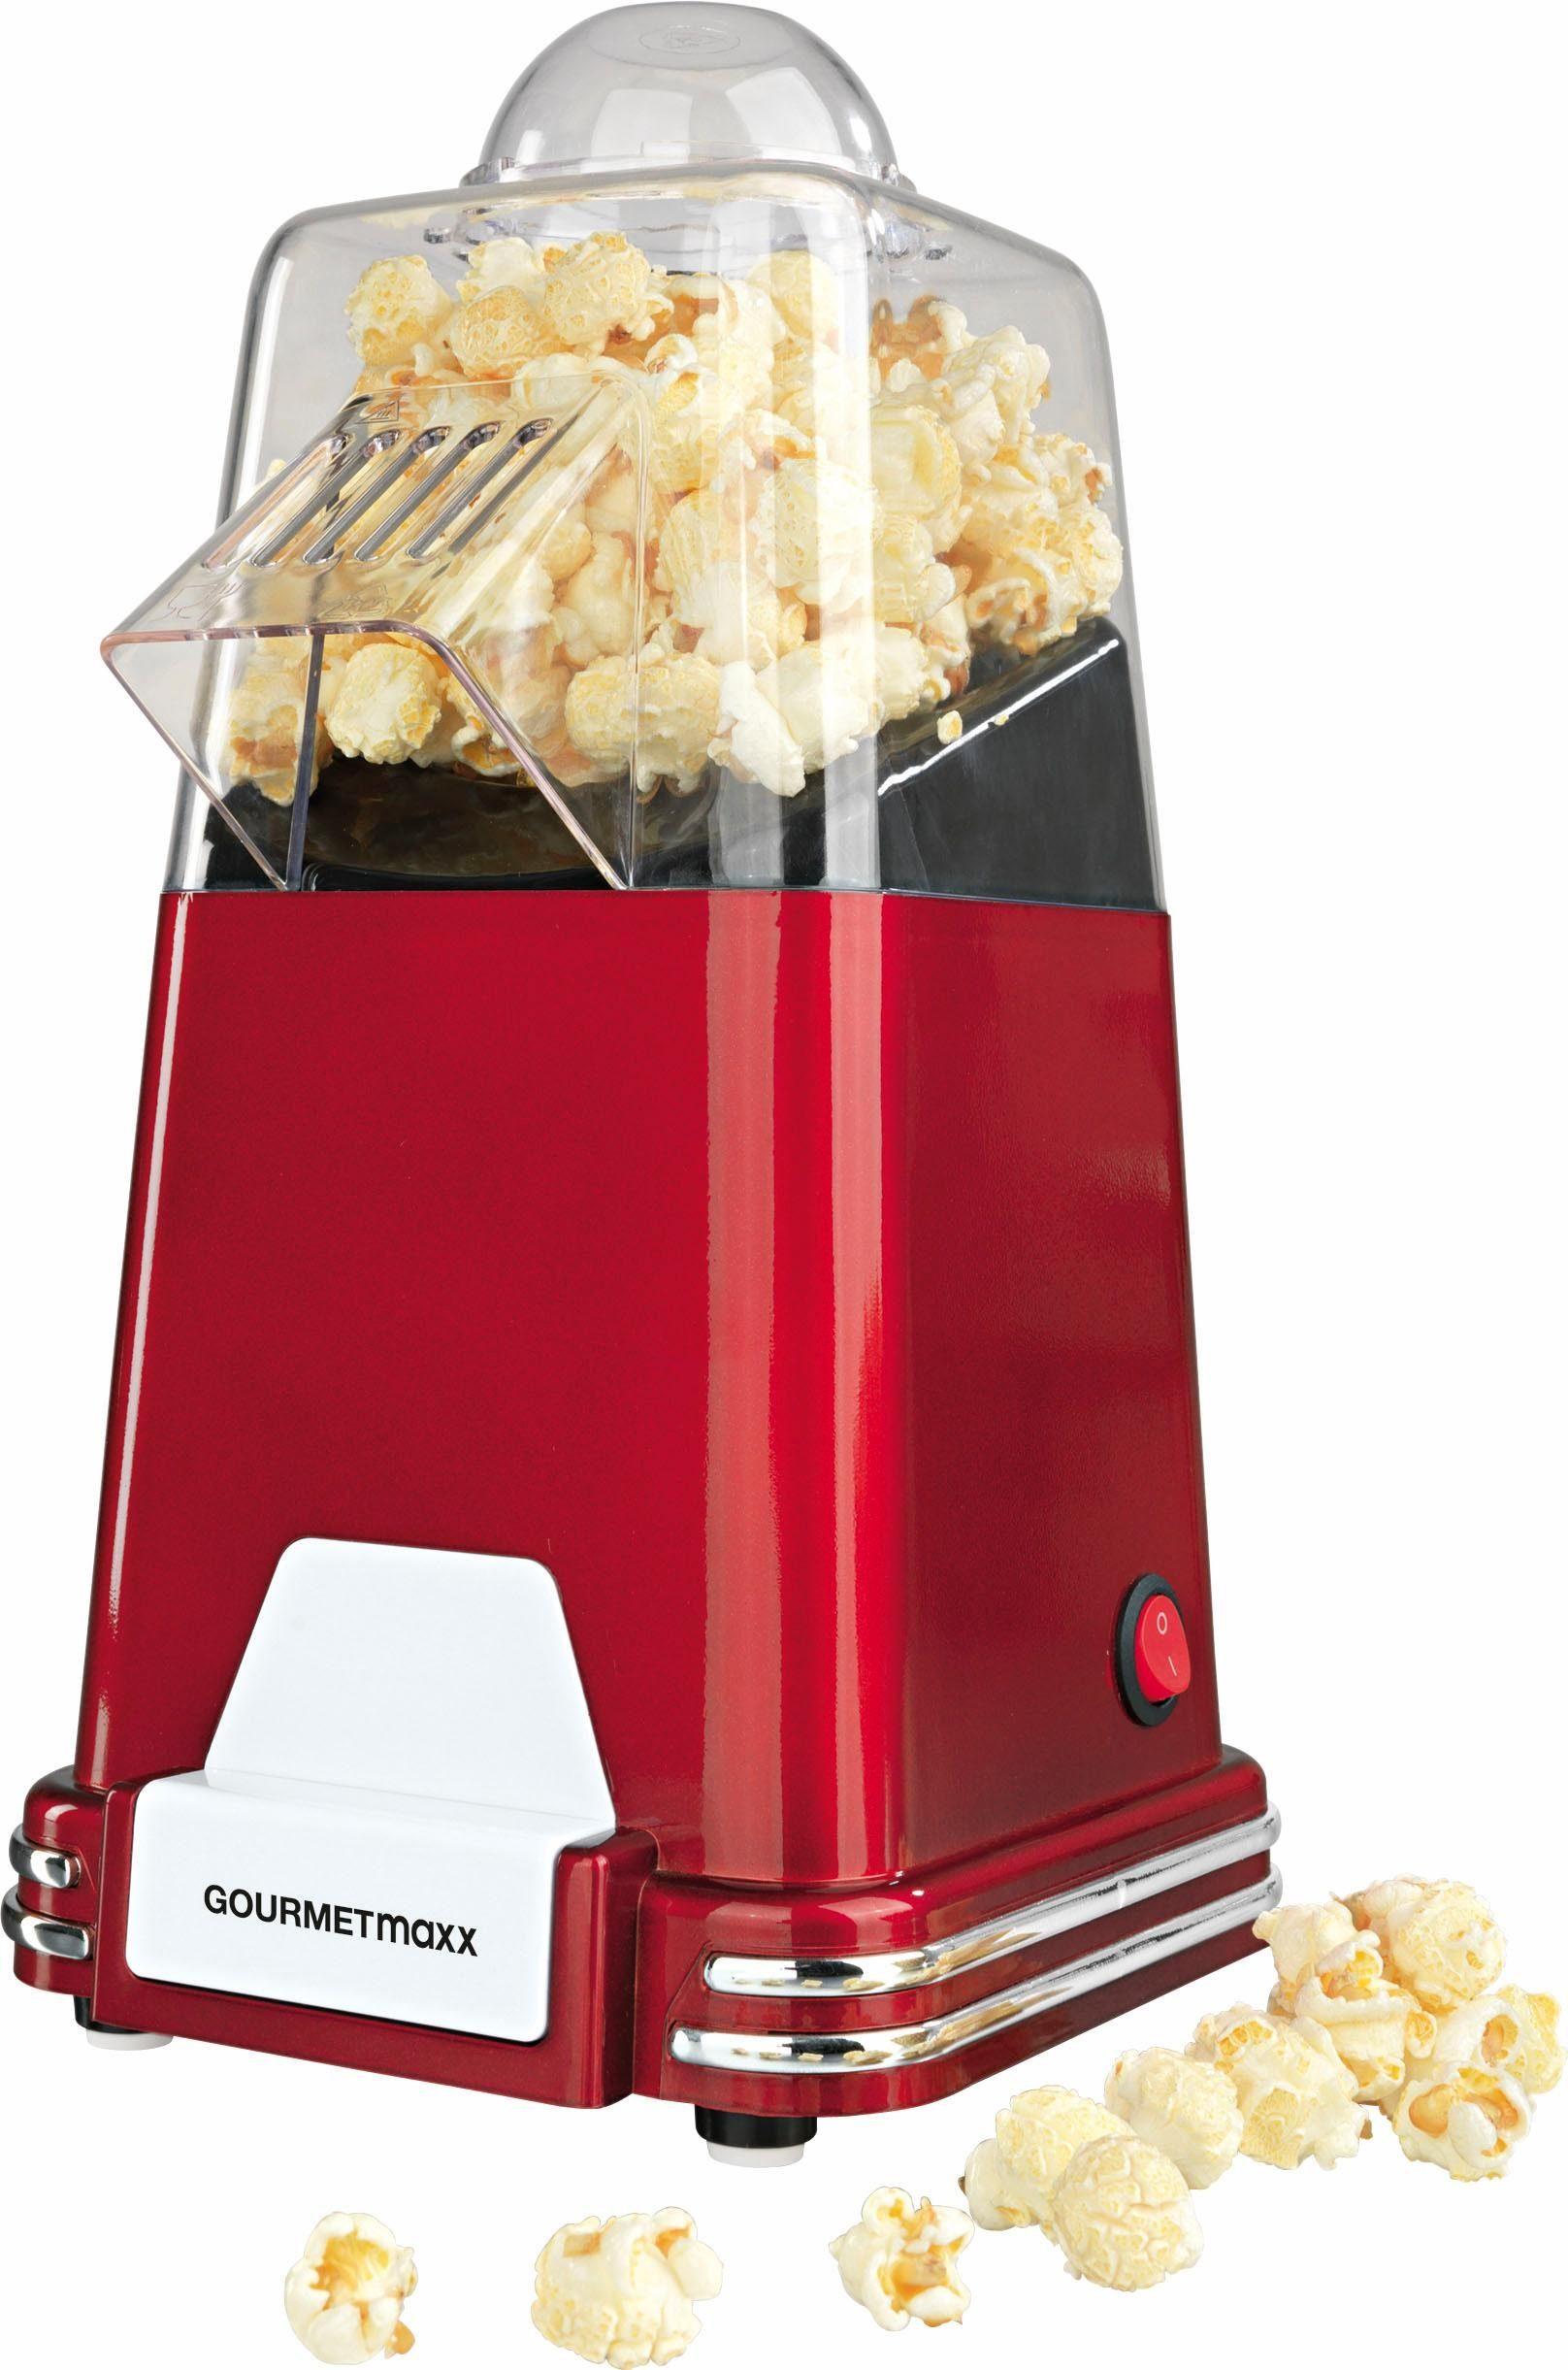 Gourmet Maxx Popcorn-Maschine, 1000 Watt, rot